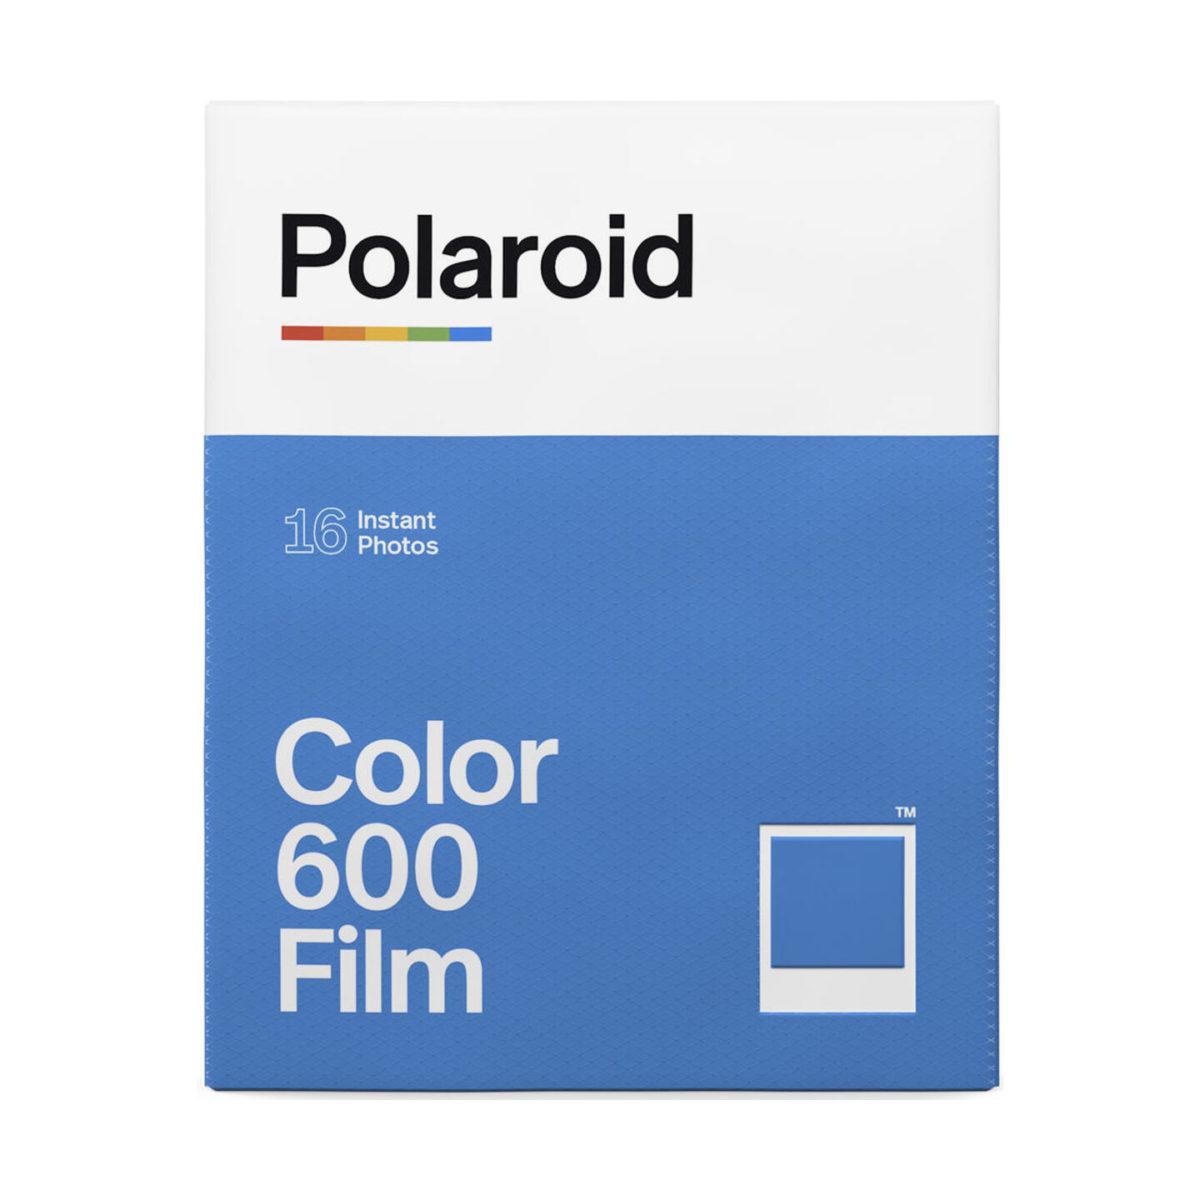 polaroid_600_color_film_dp_02